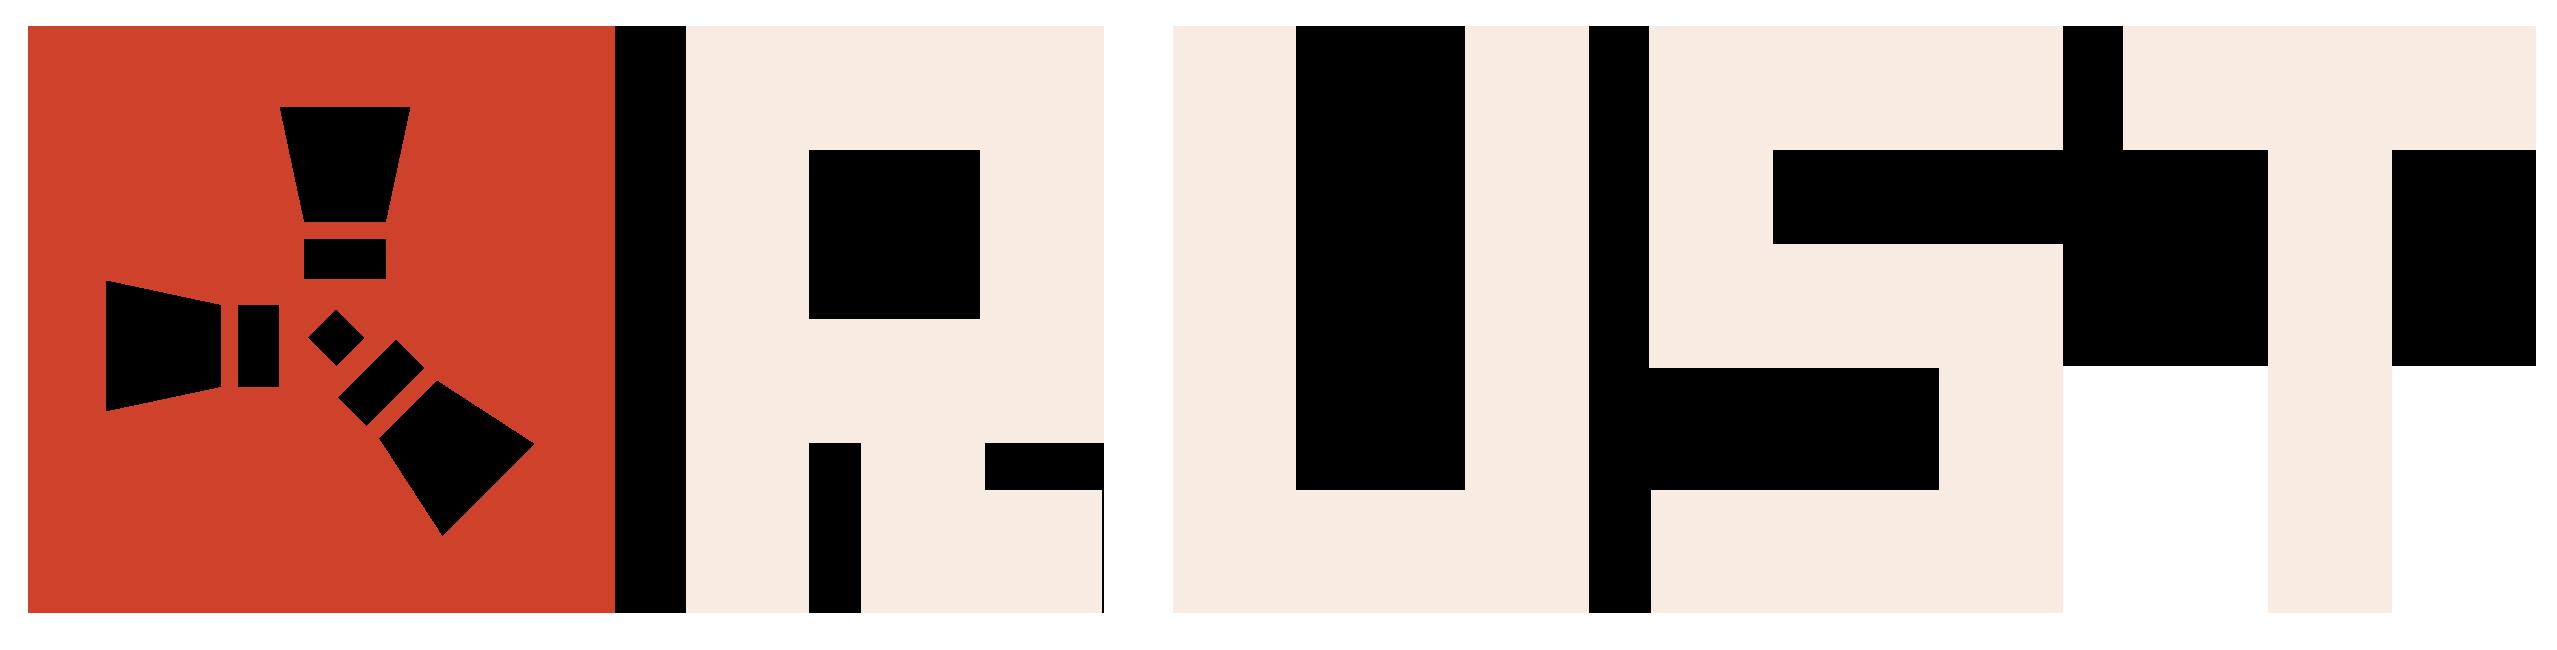 Значок игры Rust 3 noBG